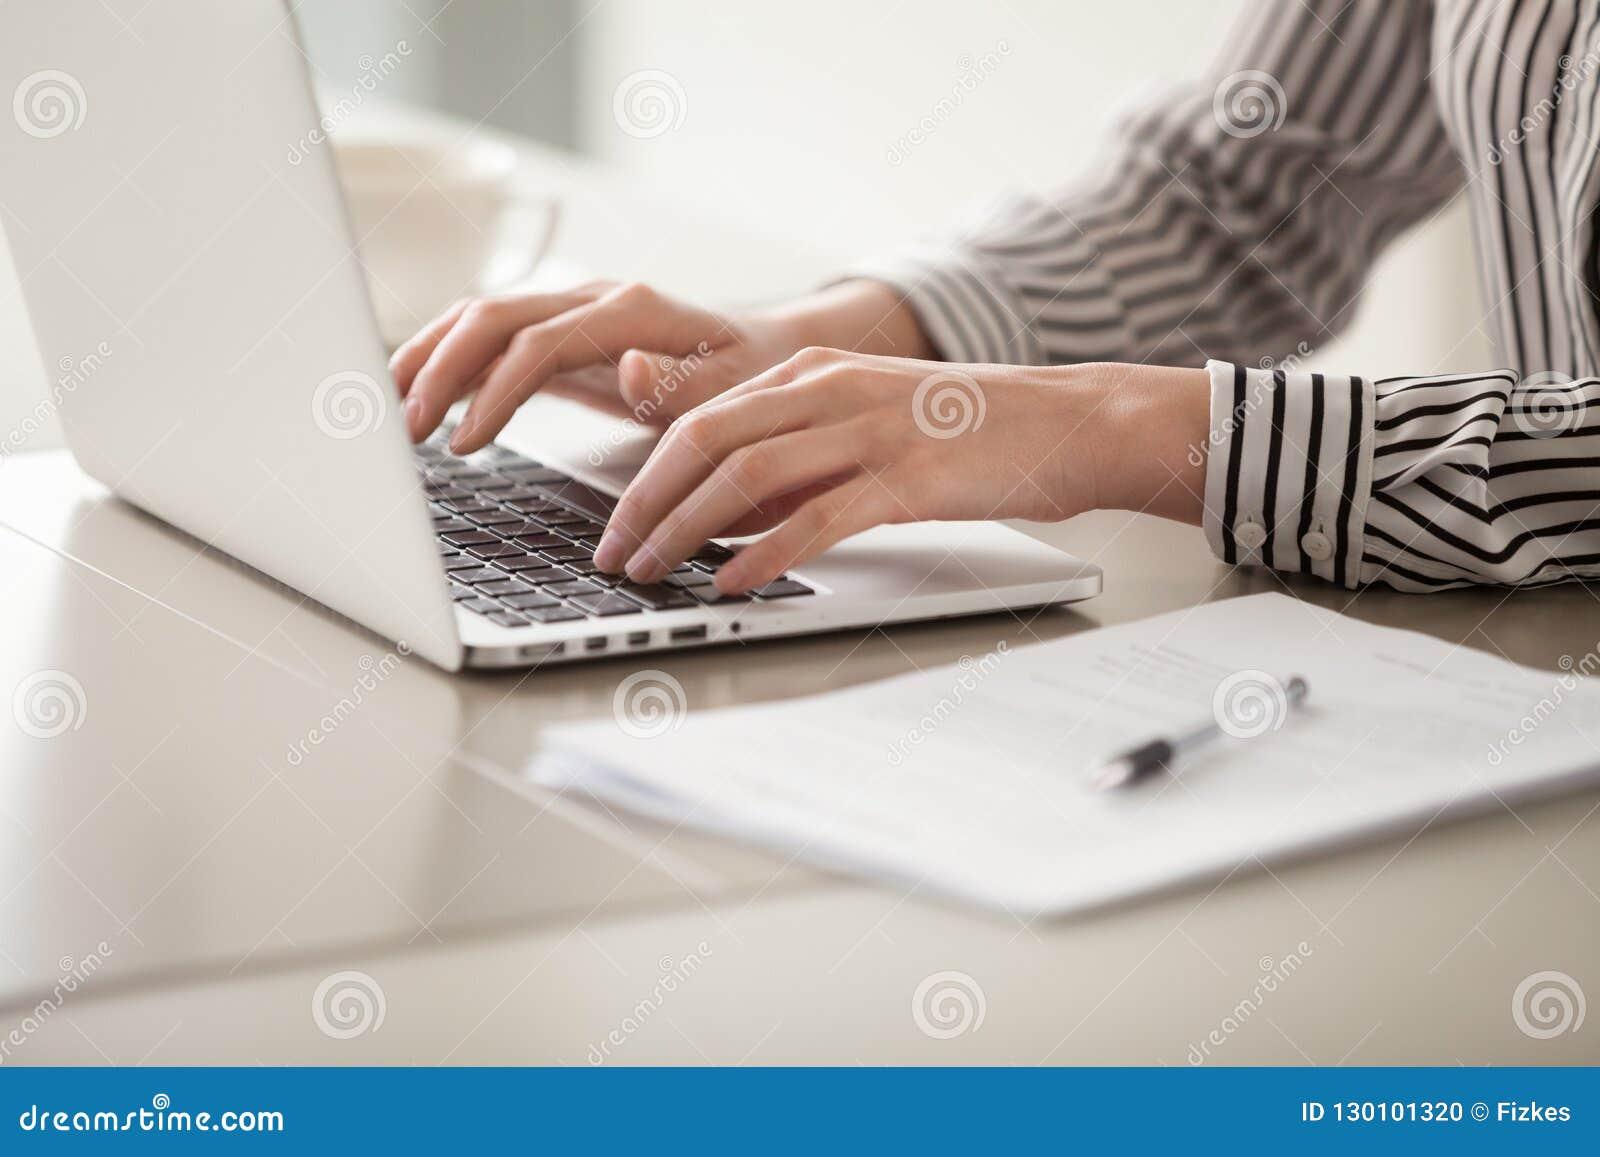 Affärskvinna som arbetar på bärbara datorn, kvinnliga händer som skriver på tangentbordet